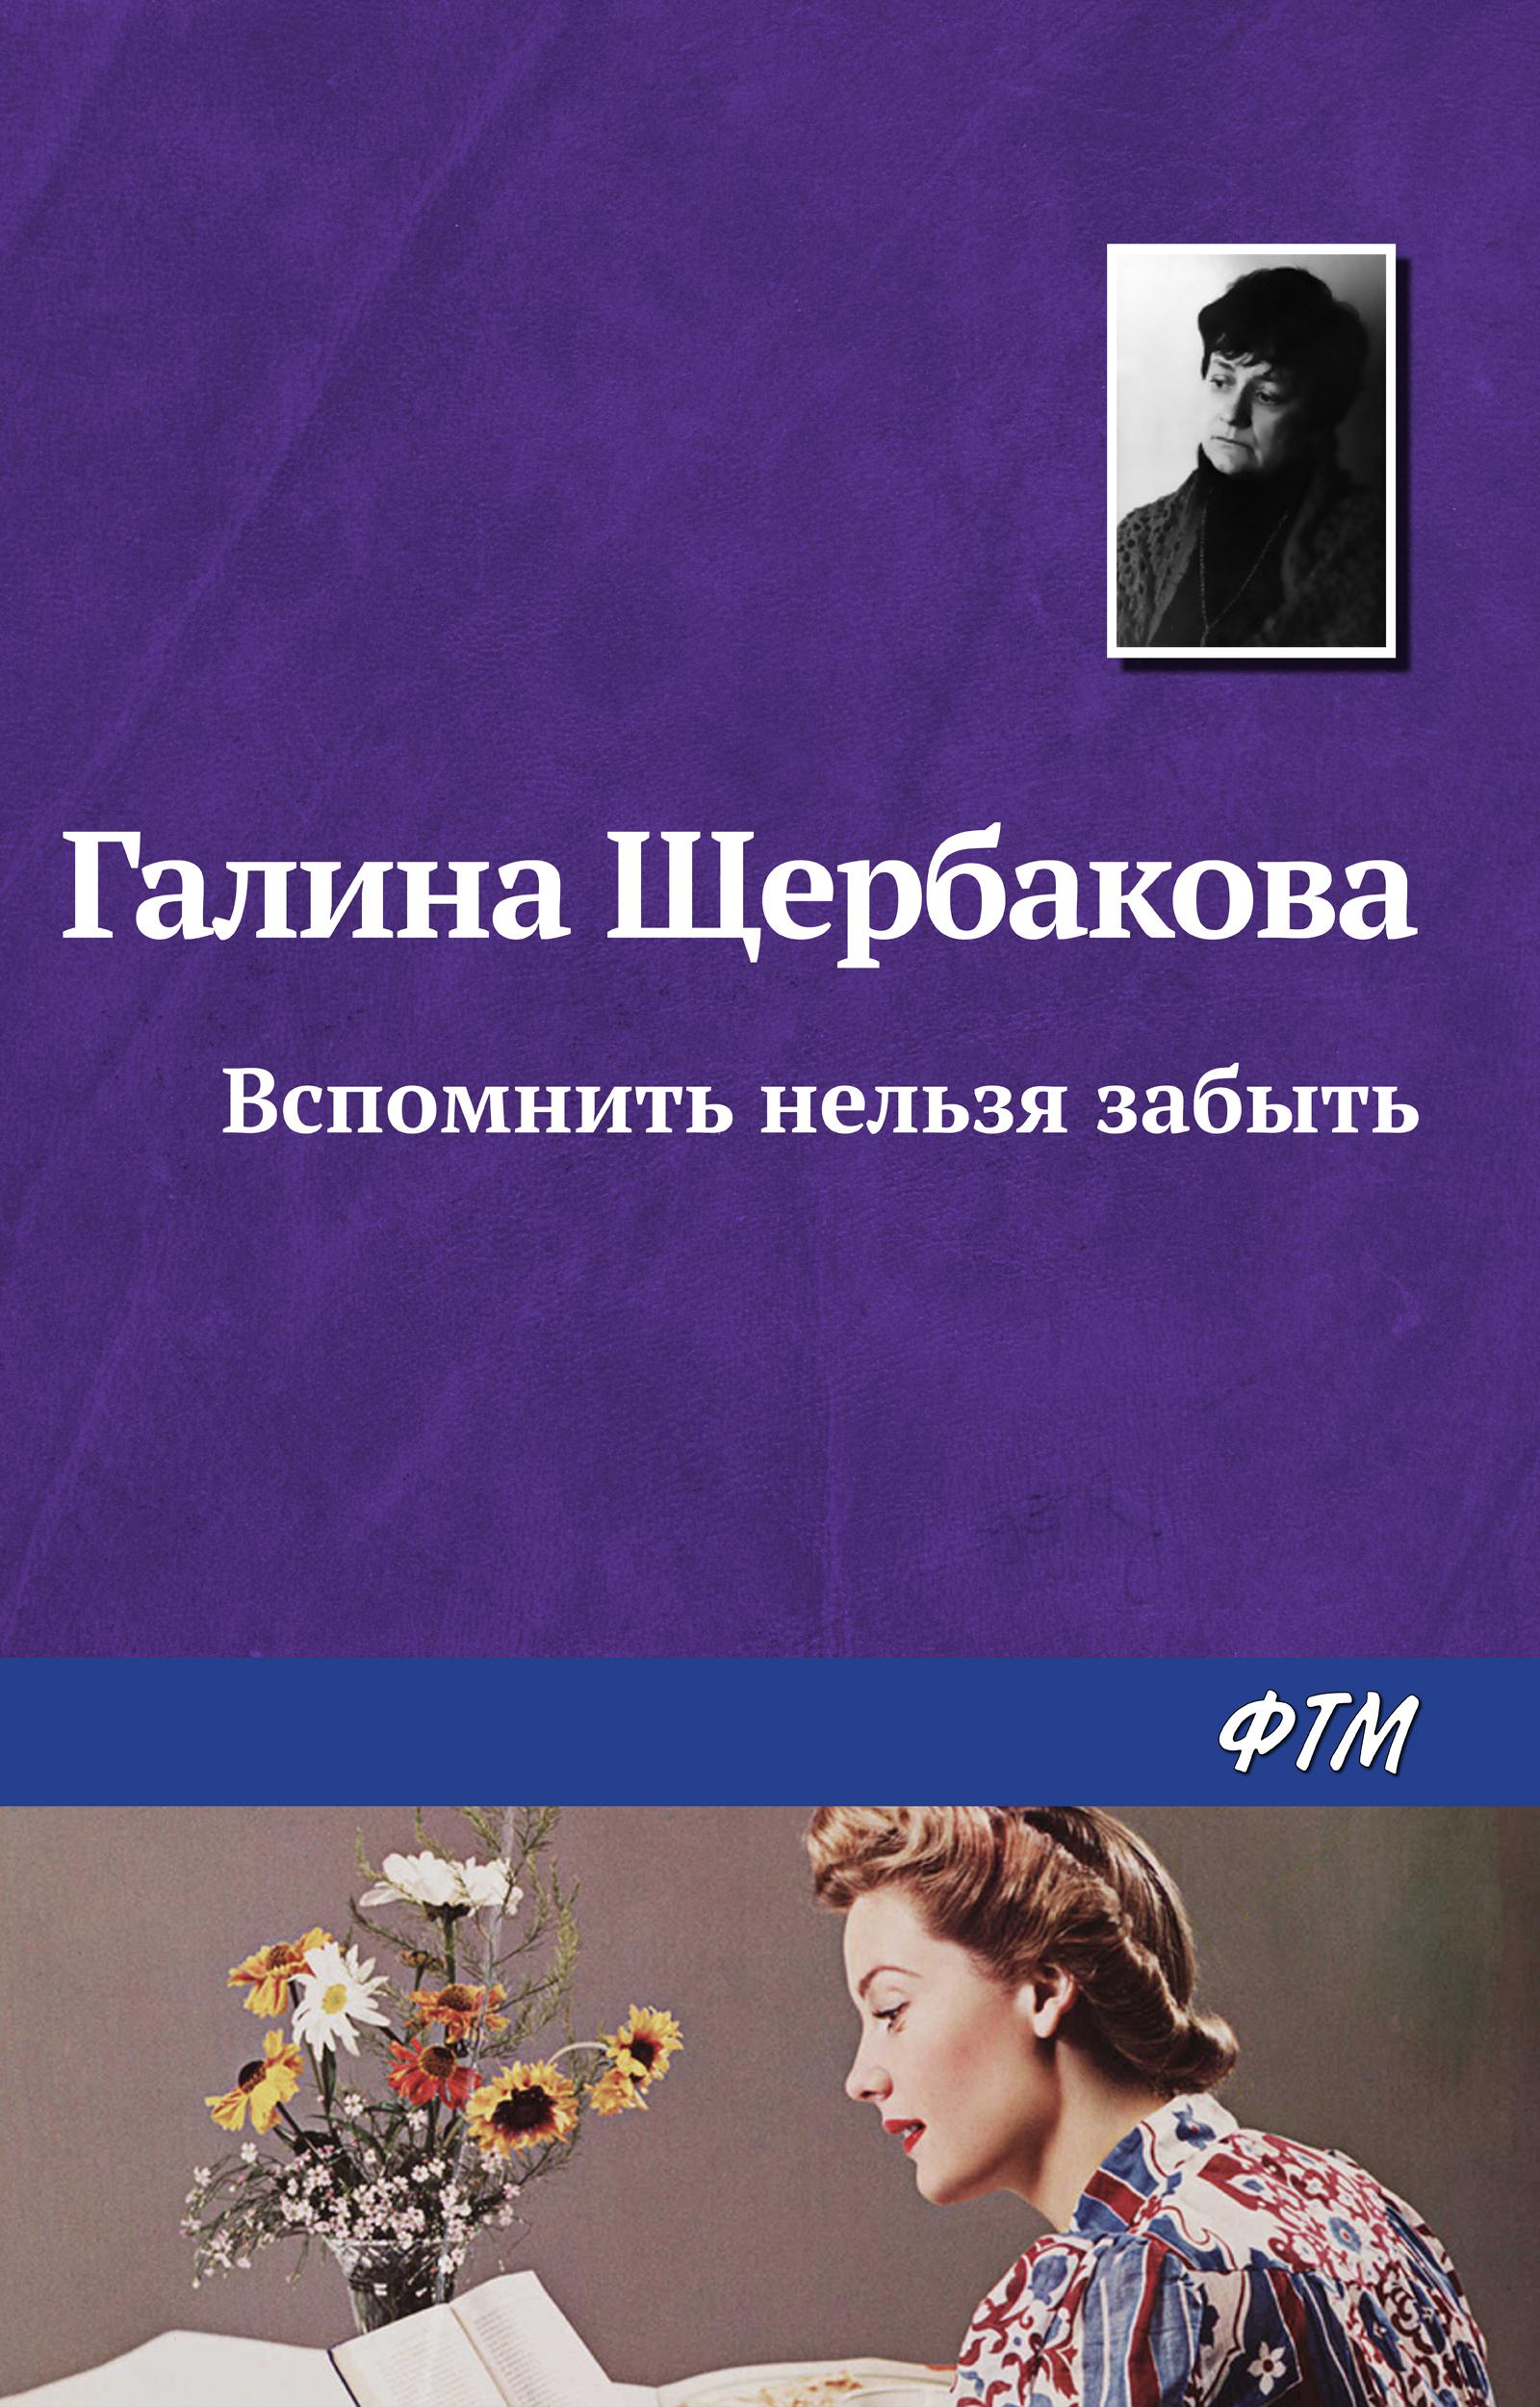 Галина Щербакова Вспомнить нельзя забыть история красоты